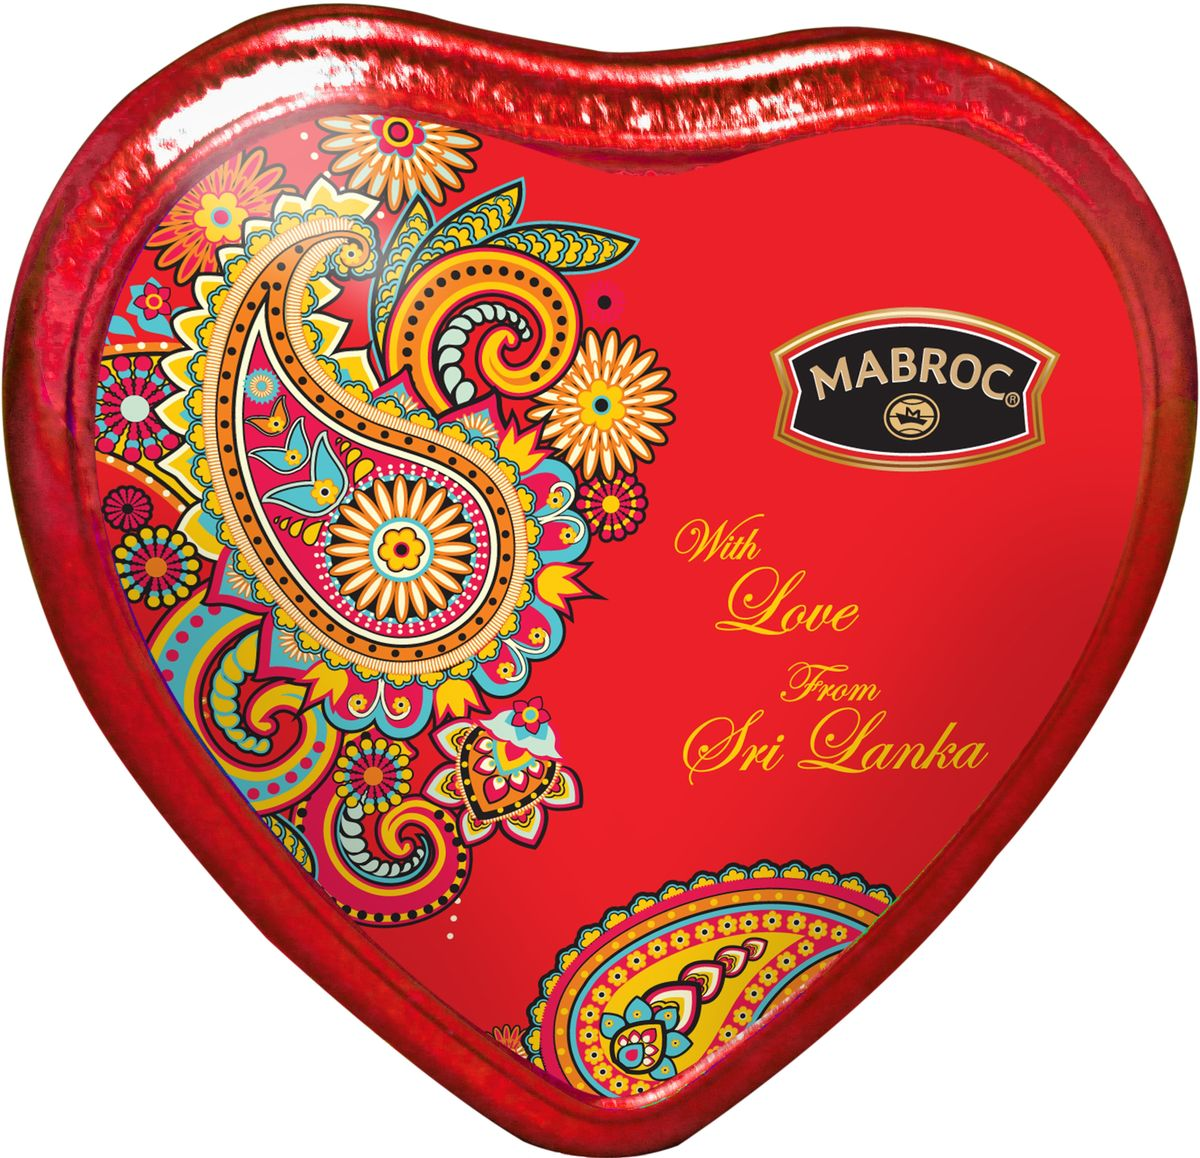 Маброк из Шри-Ланки с любовью чай черный листовой, 30 г mabroc эрл грей чай черный листовой 100 г